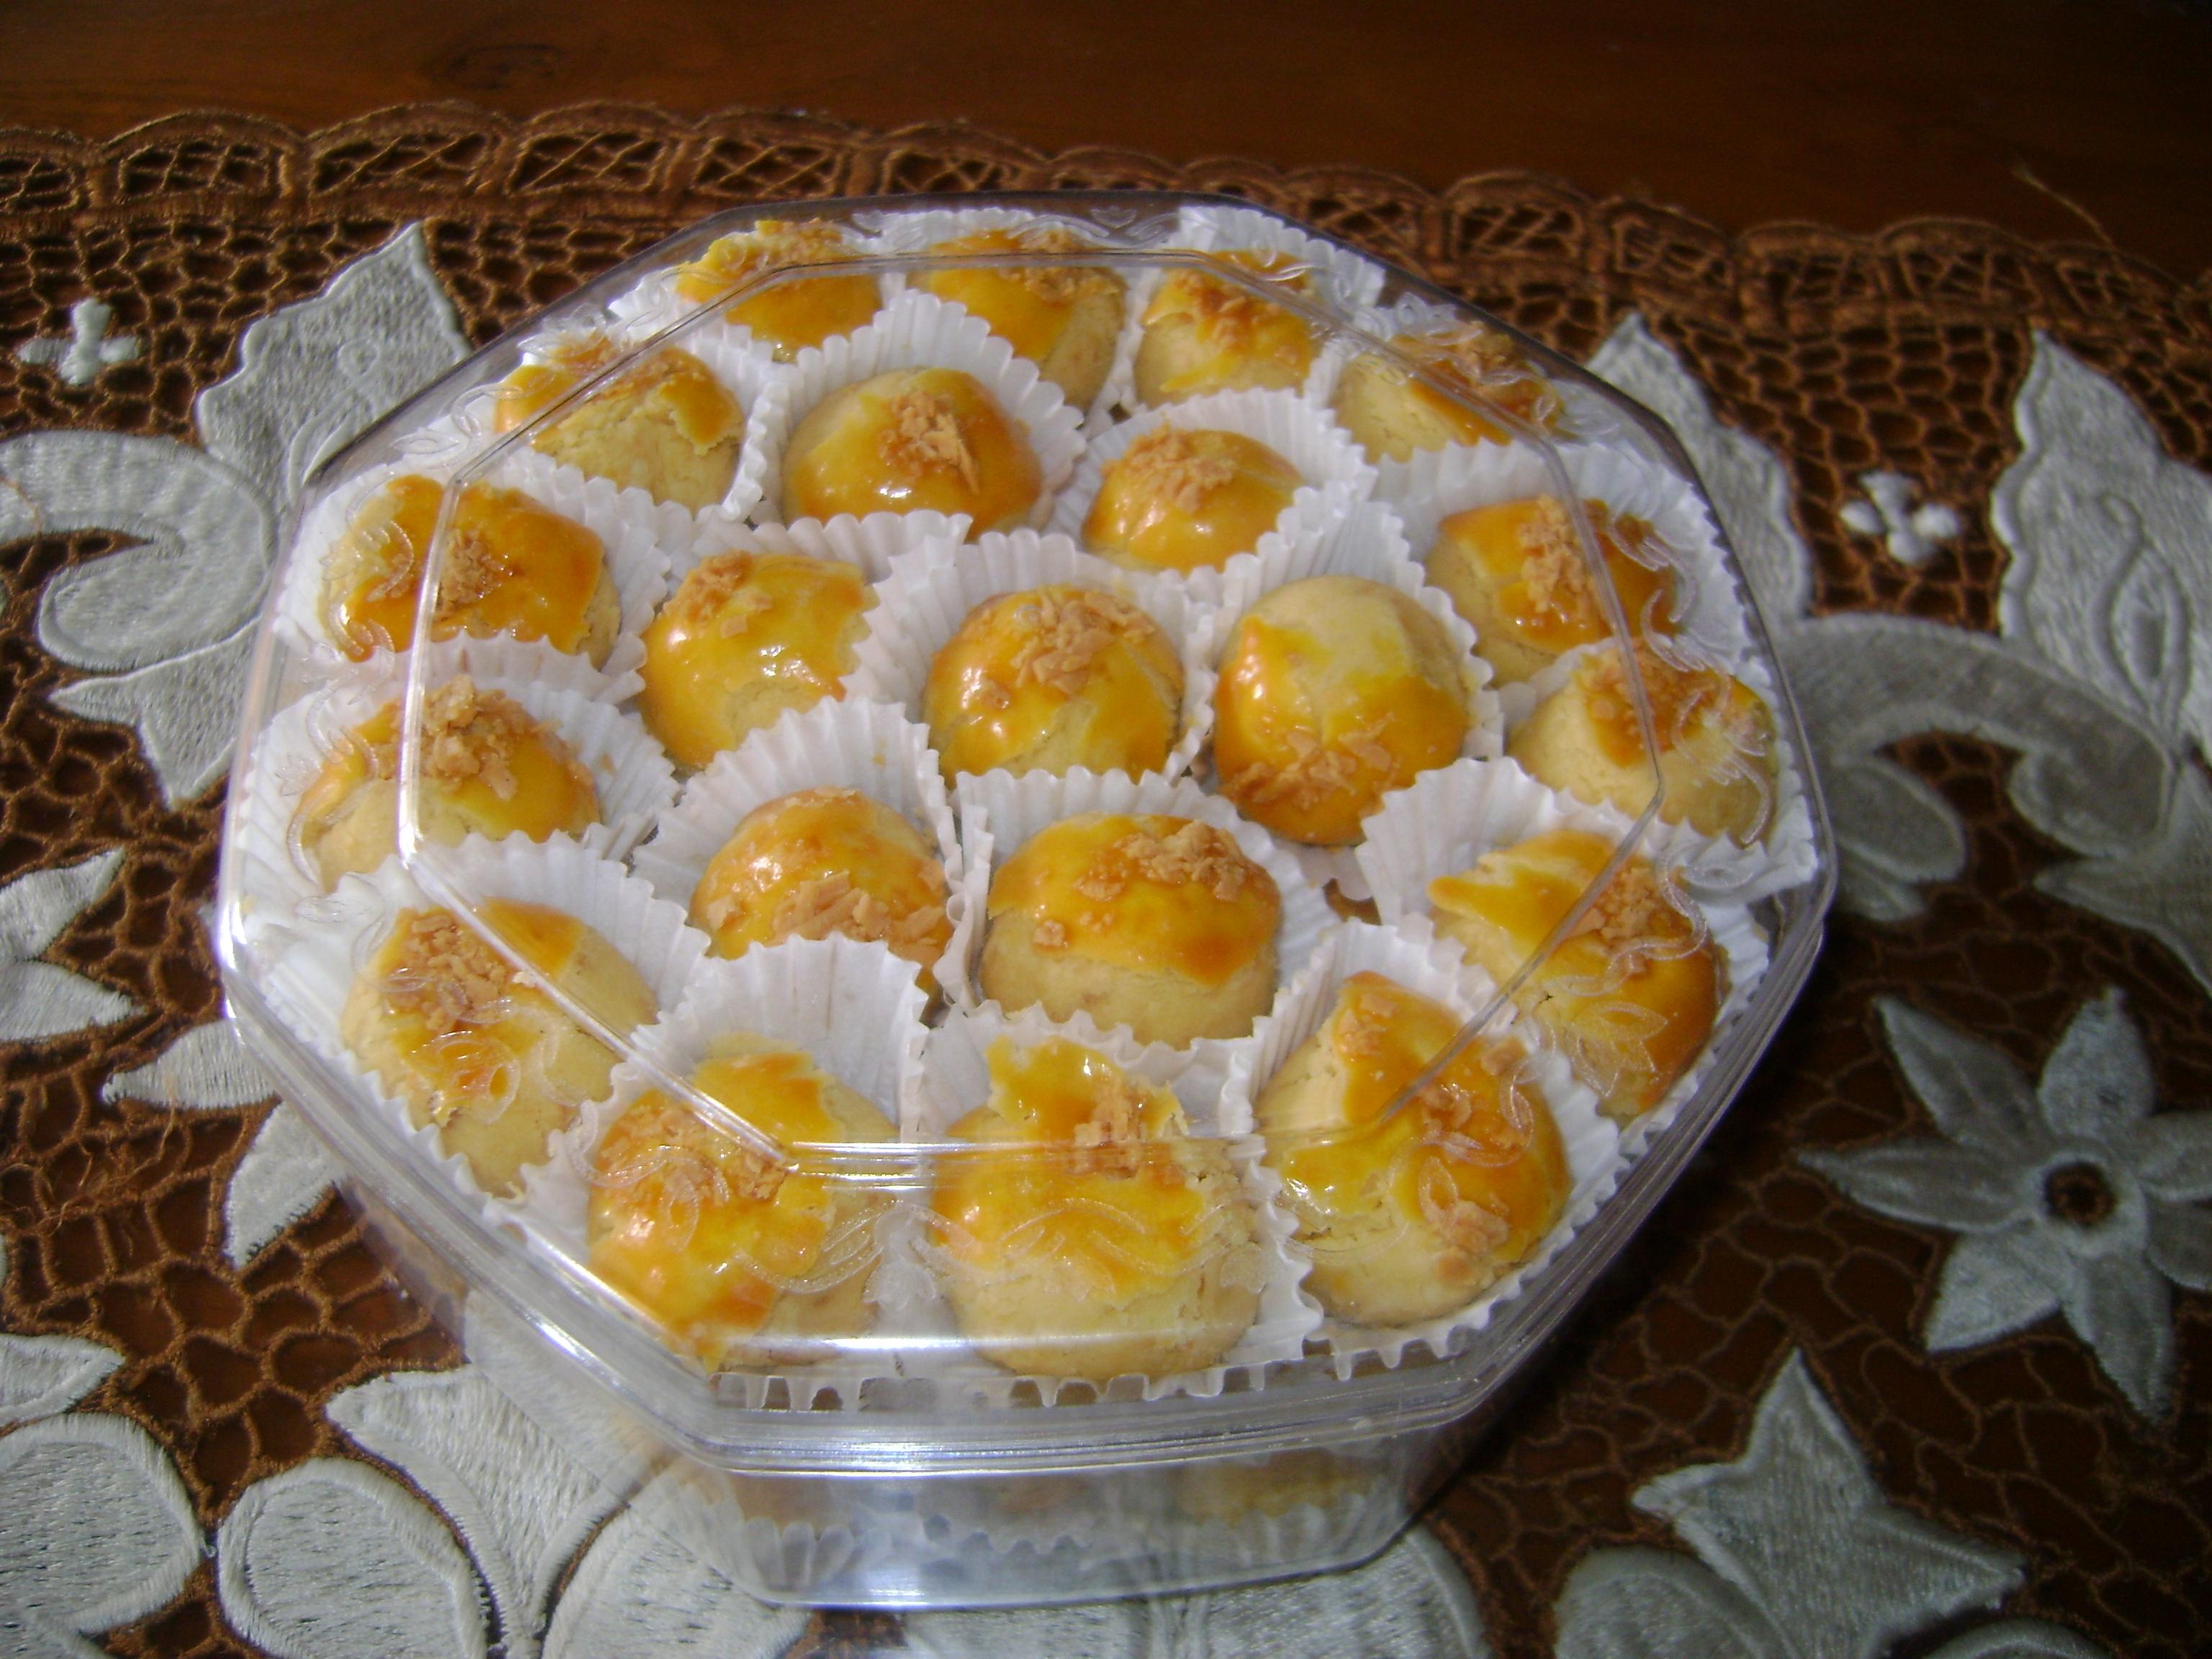 resep kue kering nastar keju yang enak dan empuk